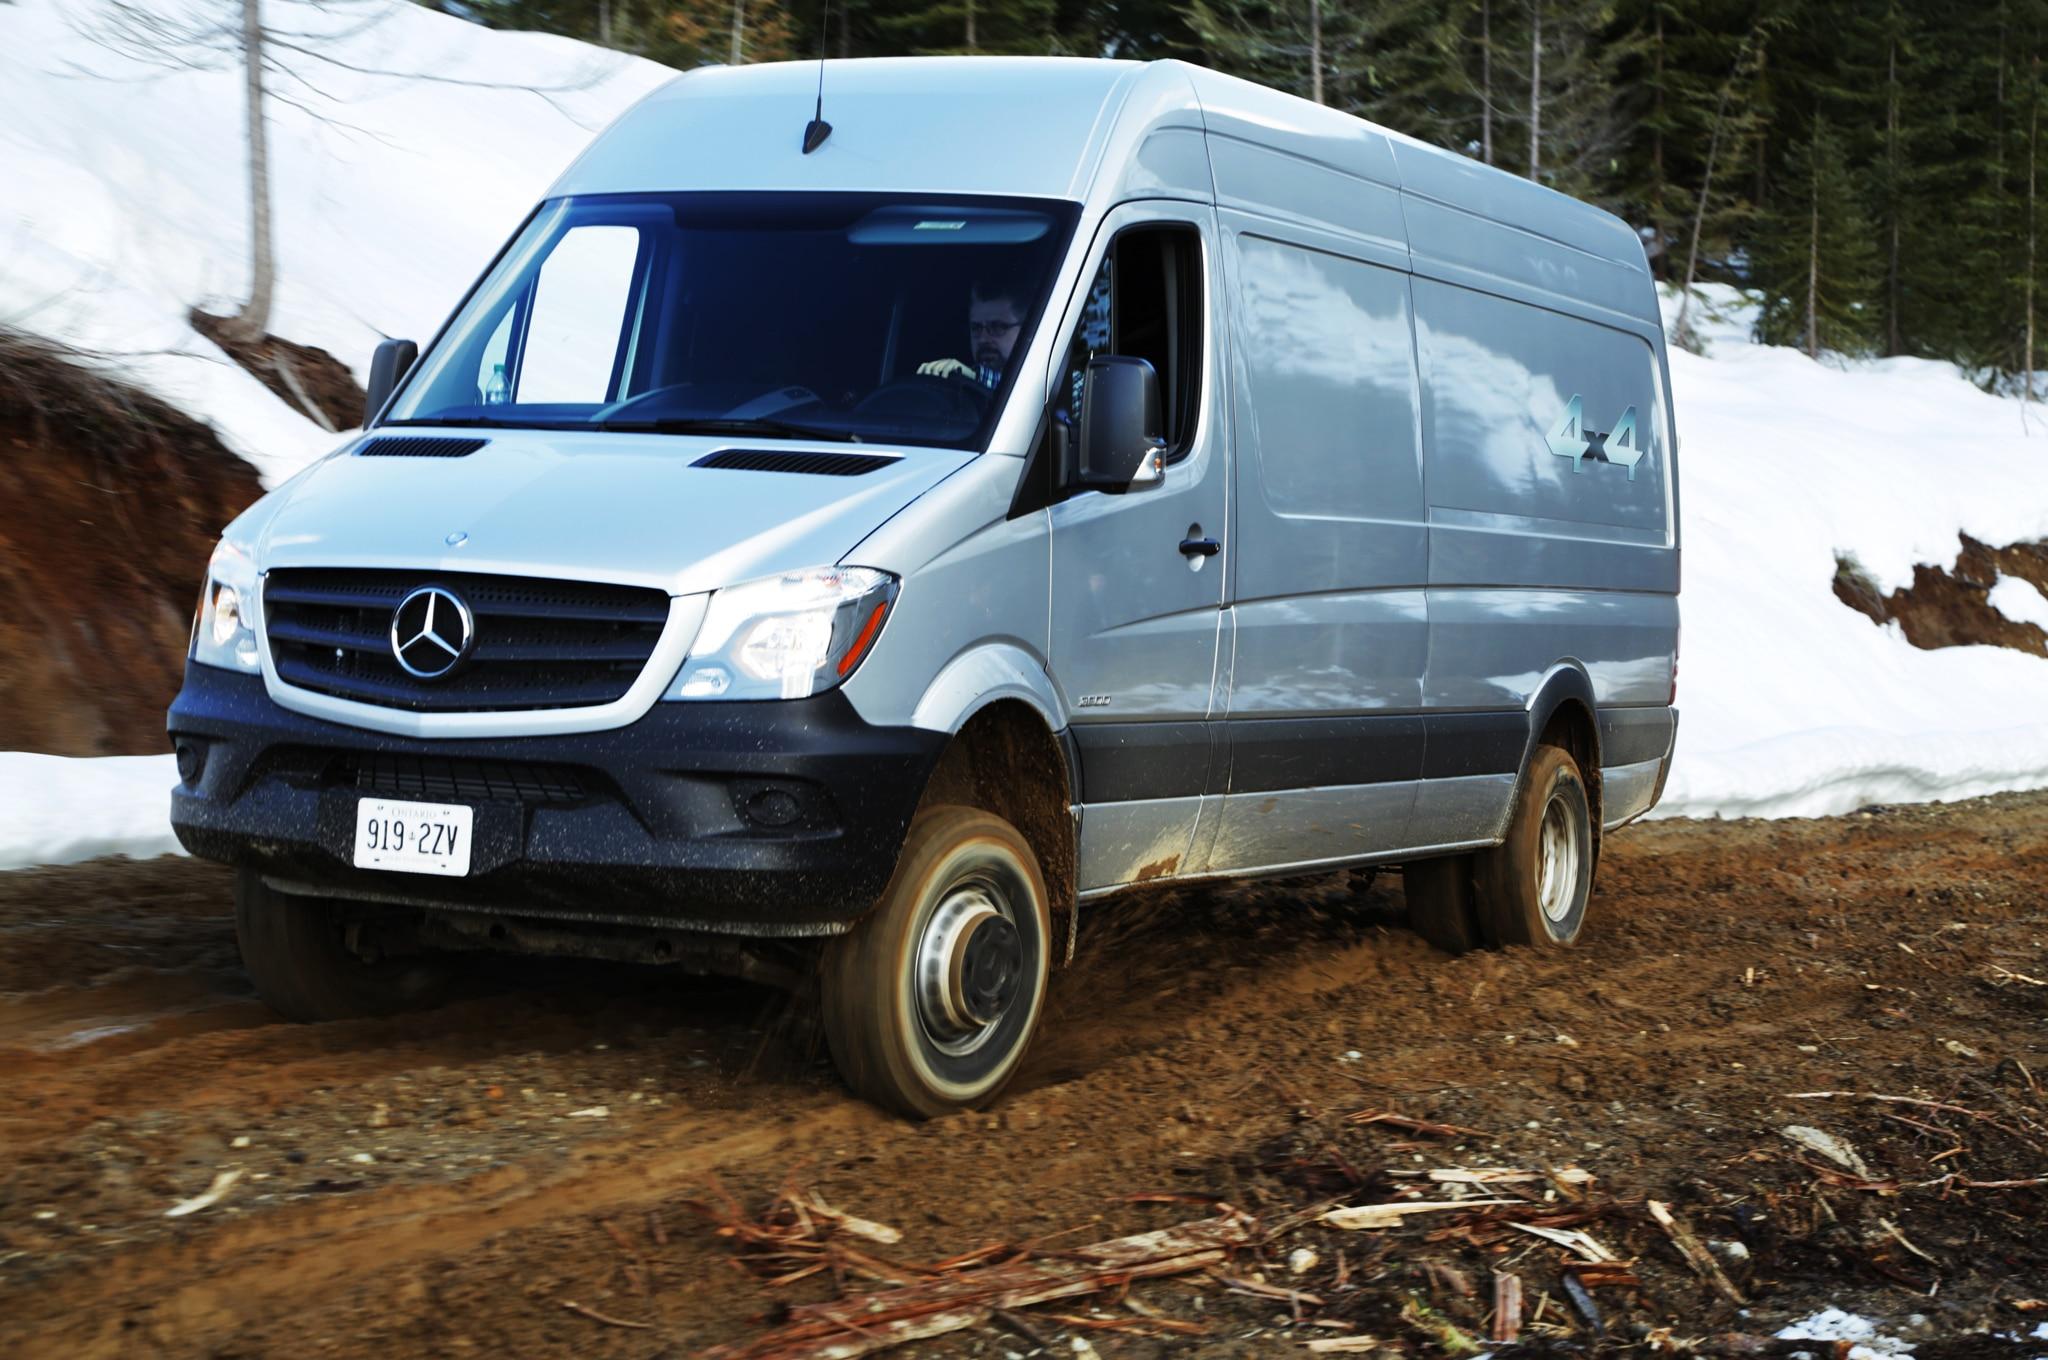 2015 Mercedes-Benz Sprinter 4x4 Review